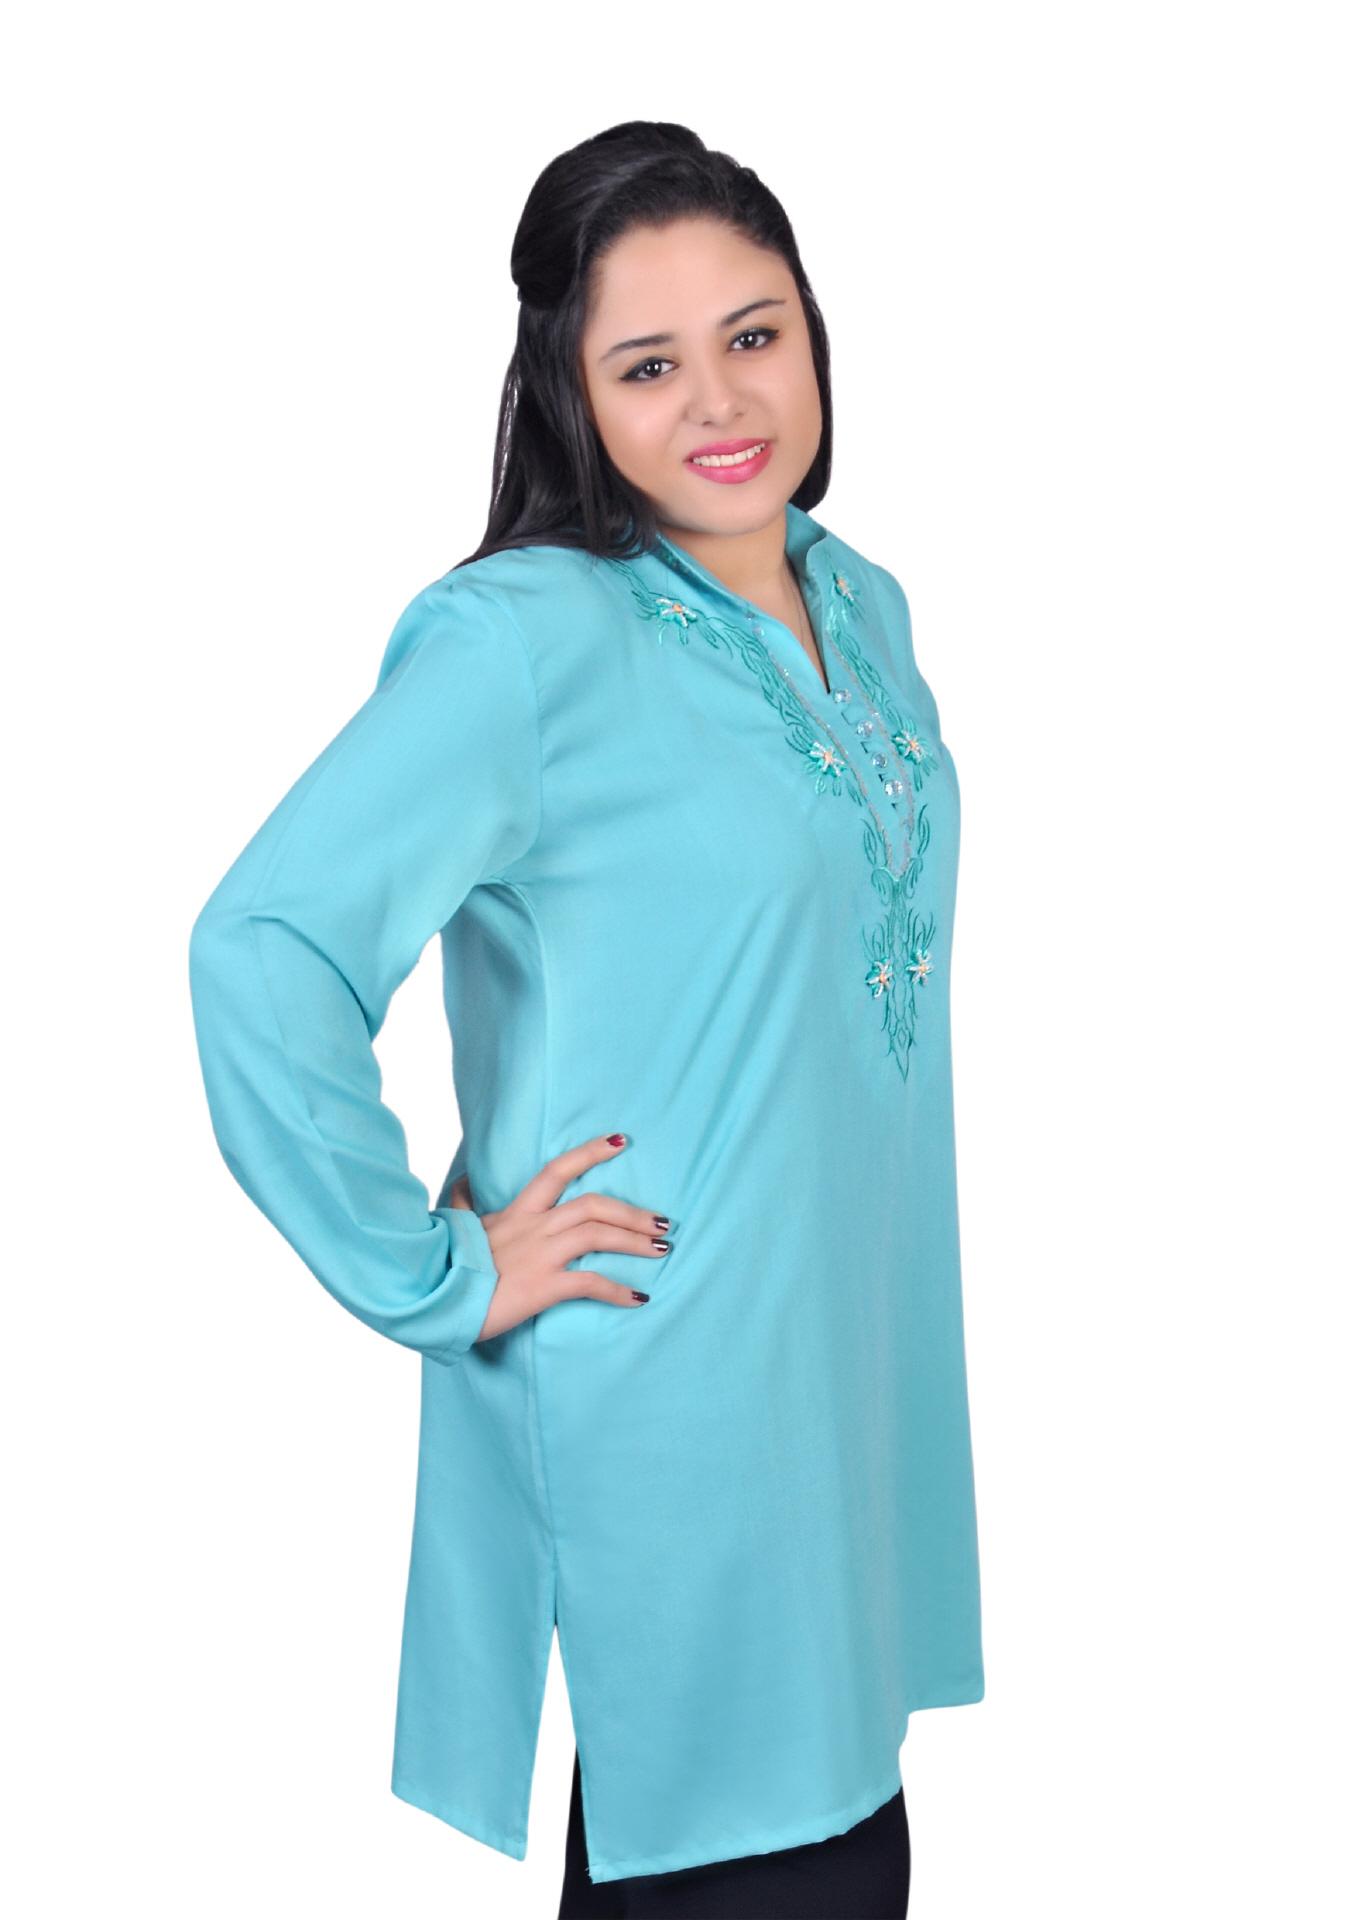 Abendkleider- Festkleider- Orientalische Kleidung aus 1001 Nacht